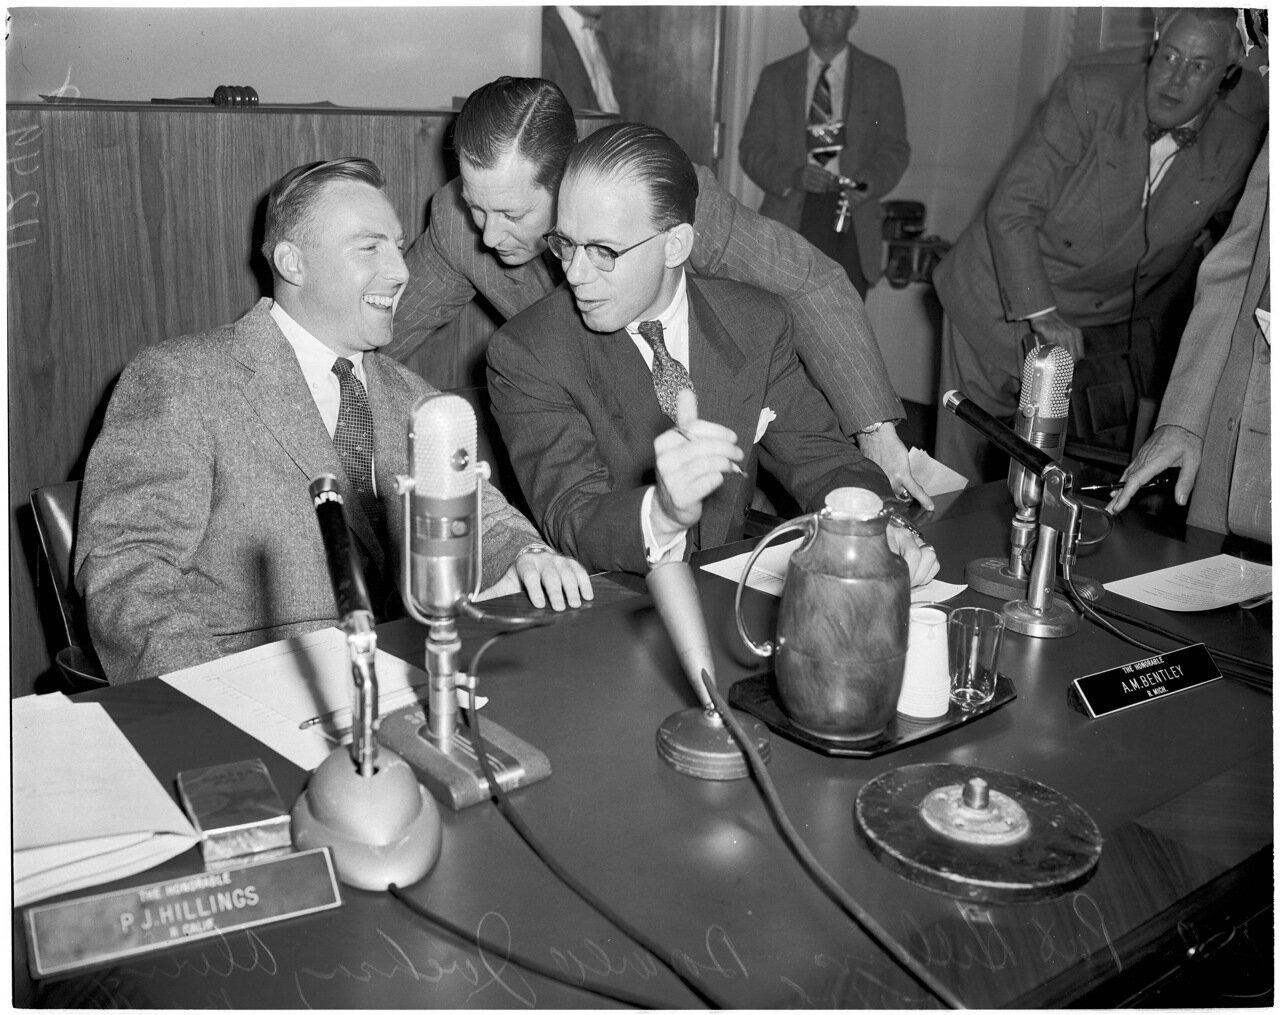 1954. 14 октября. Комиссия по расследованию антиамериканской деятельности. У.Ф.Прайс (помощник сенатора республиканца Хиллингса), Пат Макмахон (консультант), сенатор Пат Хиллингс